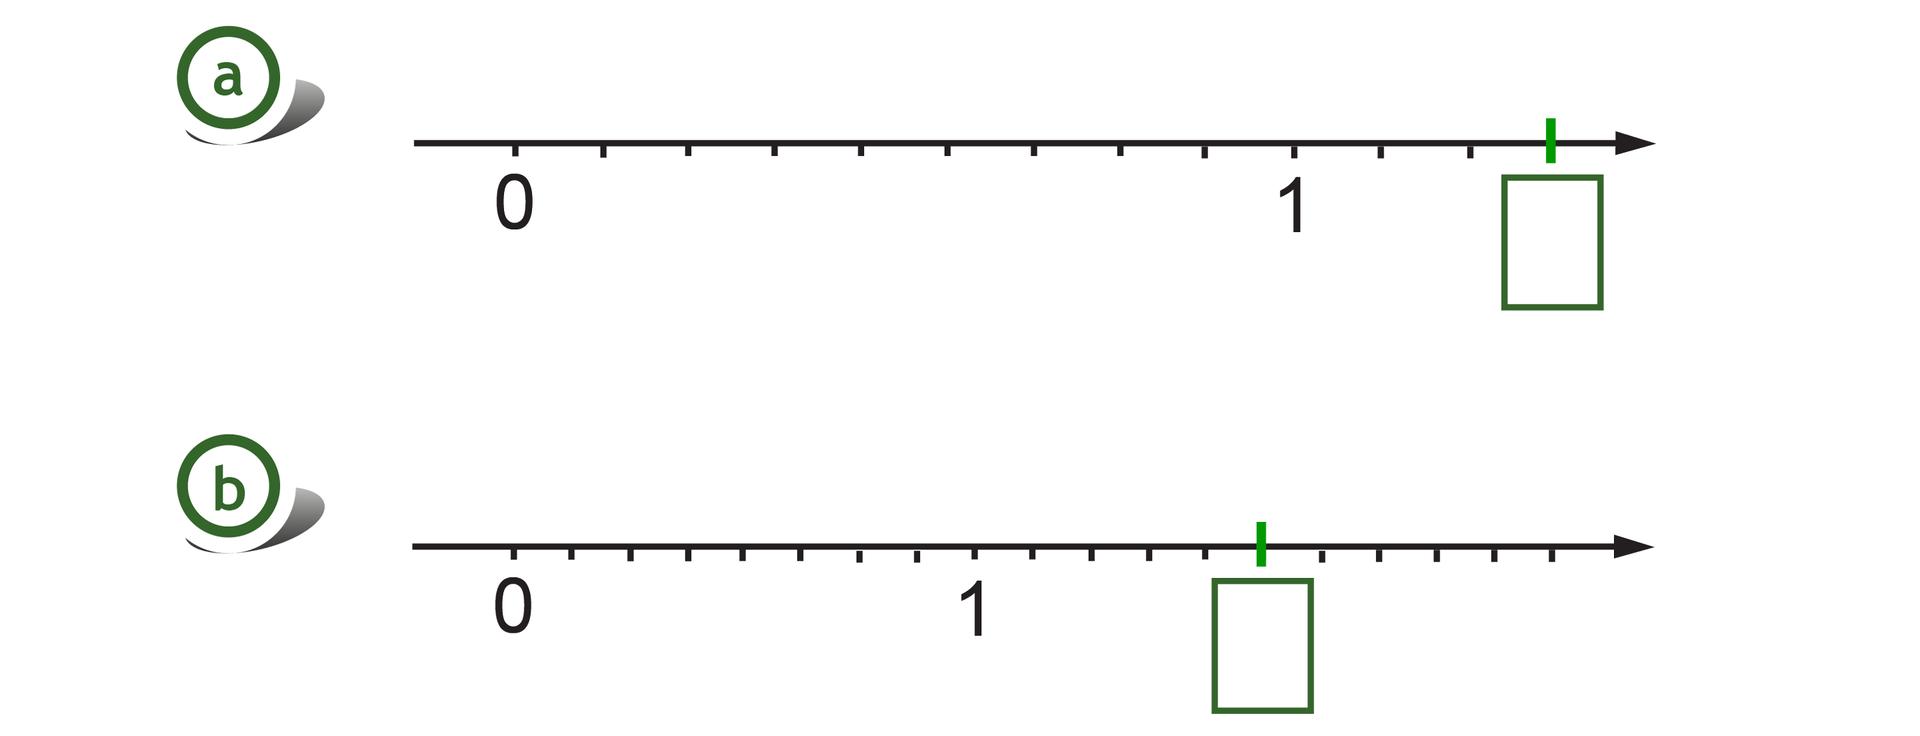 Rysunek dwóch osi liczbowych zzaznaczonymi punktami 0 i1. Na pierwszej osi odcinek jednostkowy podzielony na 9 równych części, szukany punkt wwyznacza trzy części za punktem 1. Na drugiej osi odcinek jednostkowy podzielony na 8 równych części, szukany punkt wwyznacza 5 części za punktem 1.